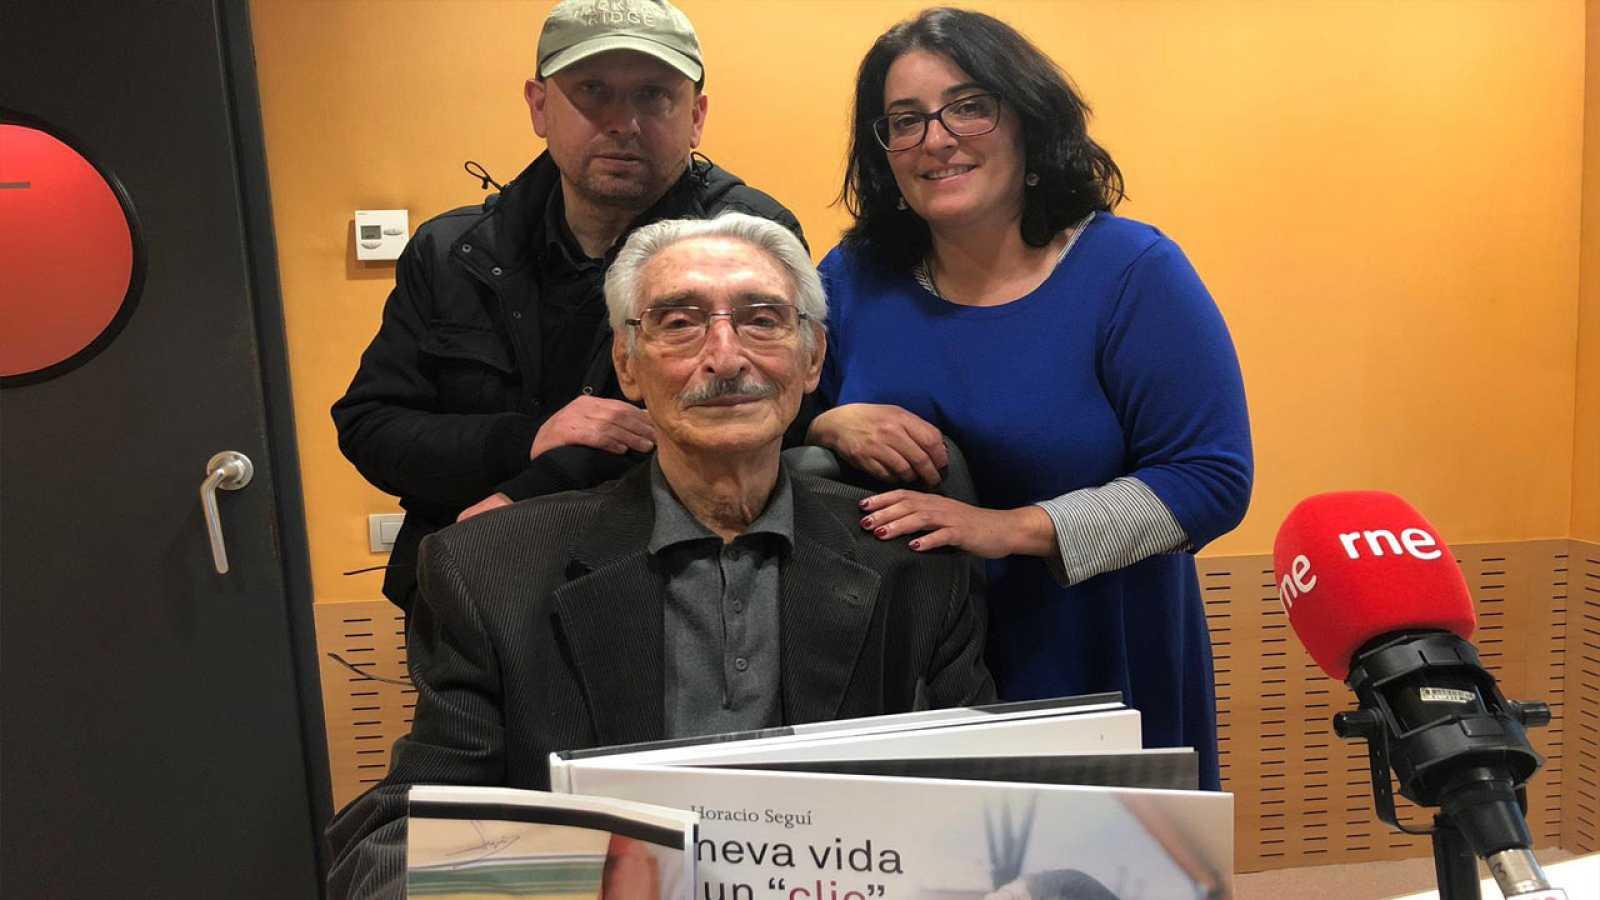 Llibres, píxels i valors - Machado, memòria republicana. Horacio Seguí, fotògraf total. Desmuntant Leica. Joan Vall Karsunke